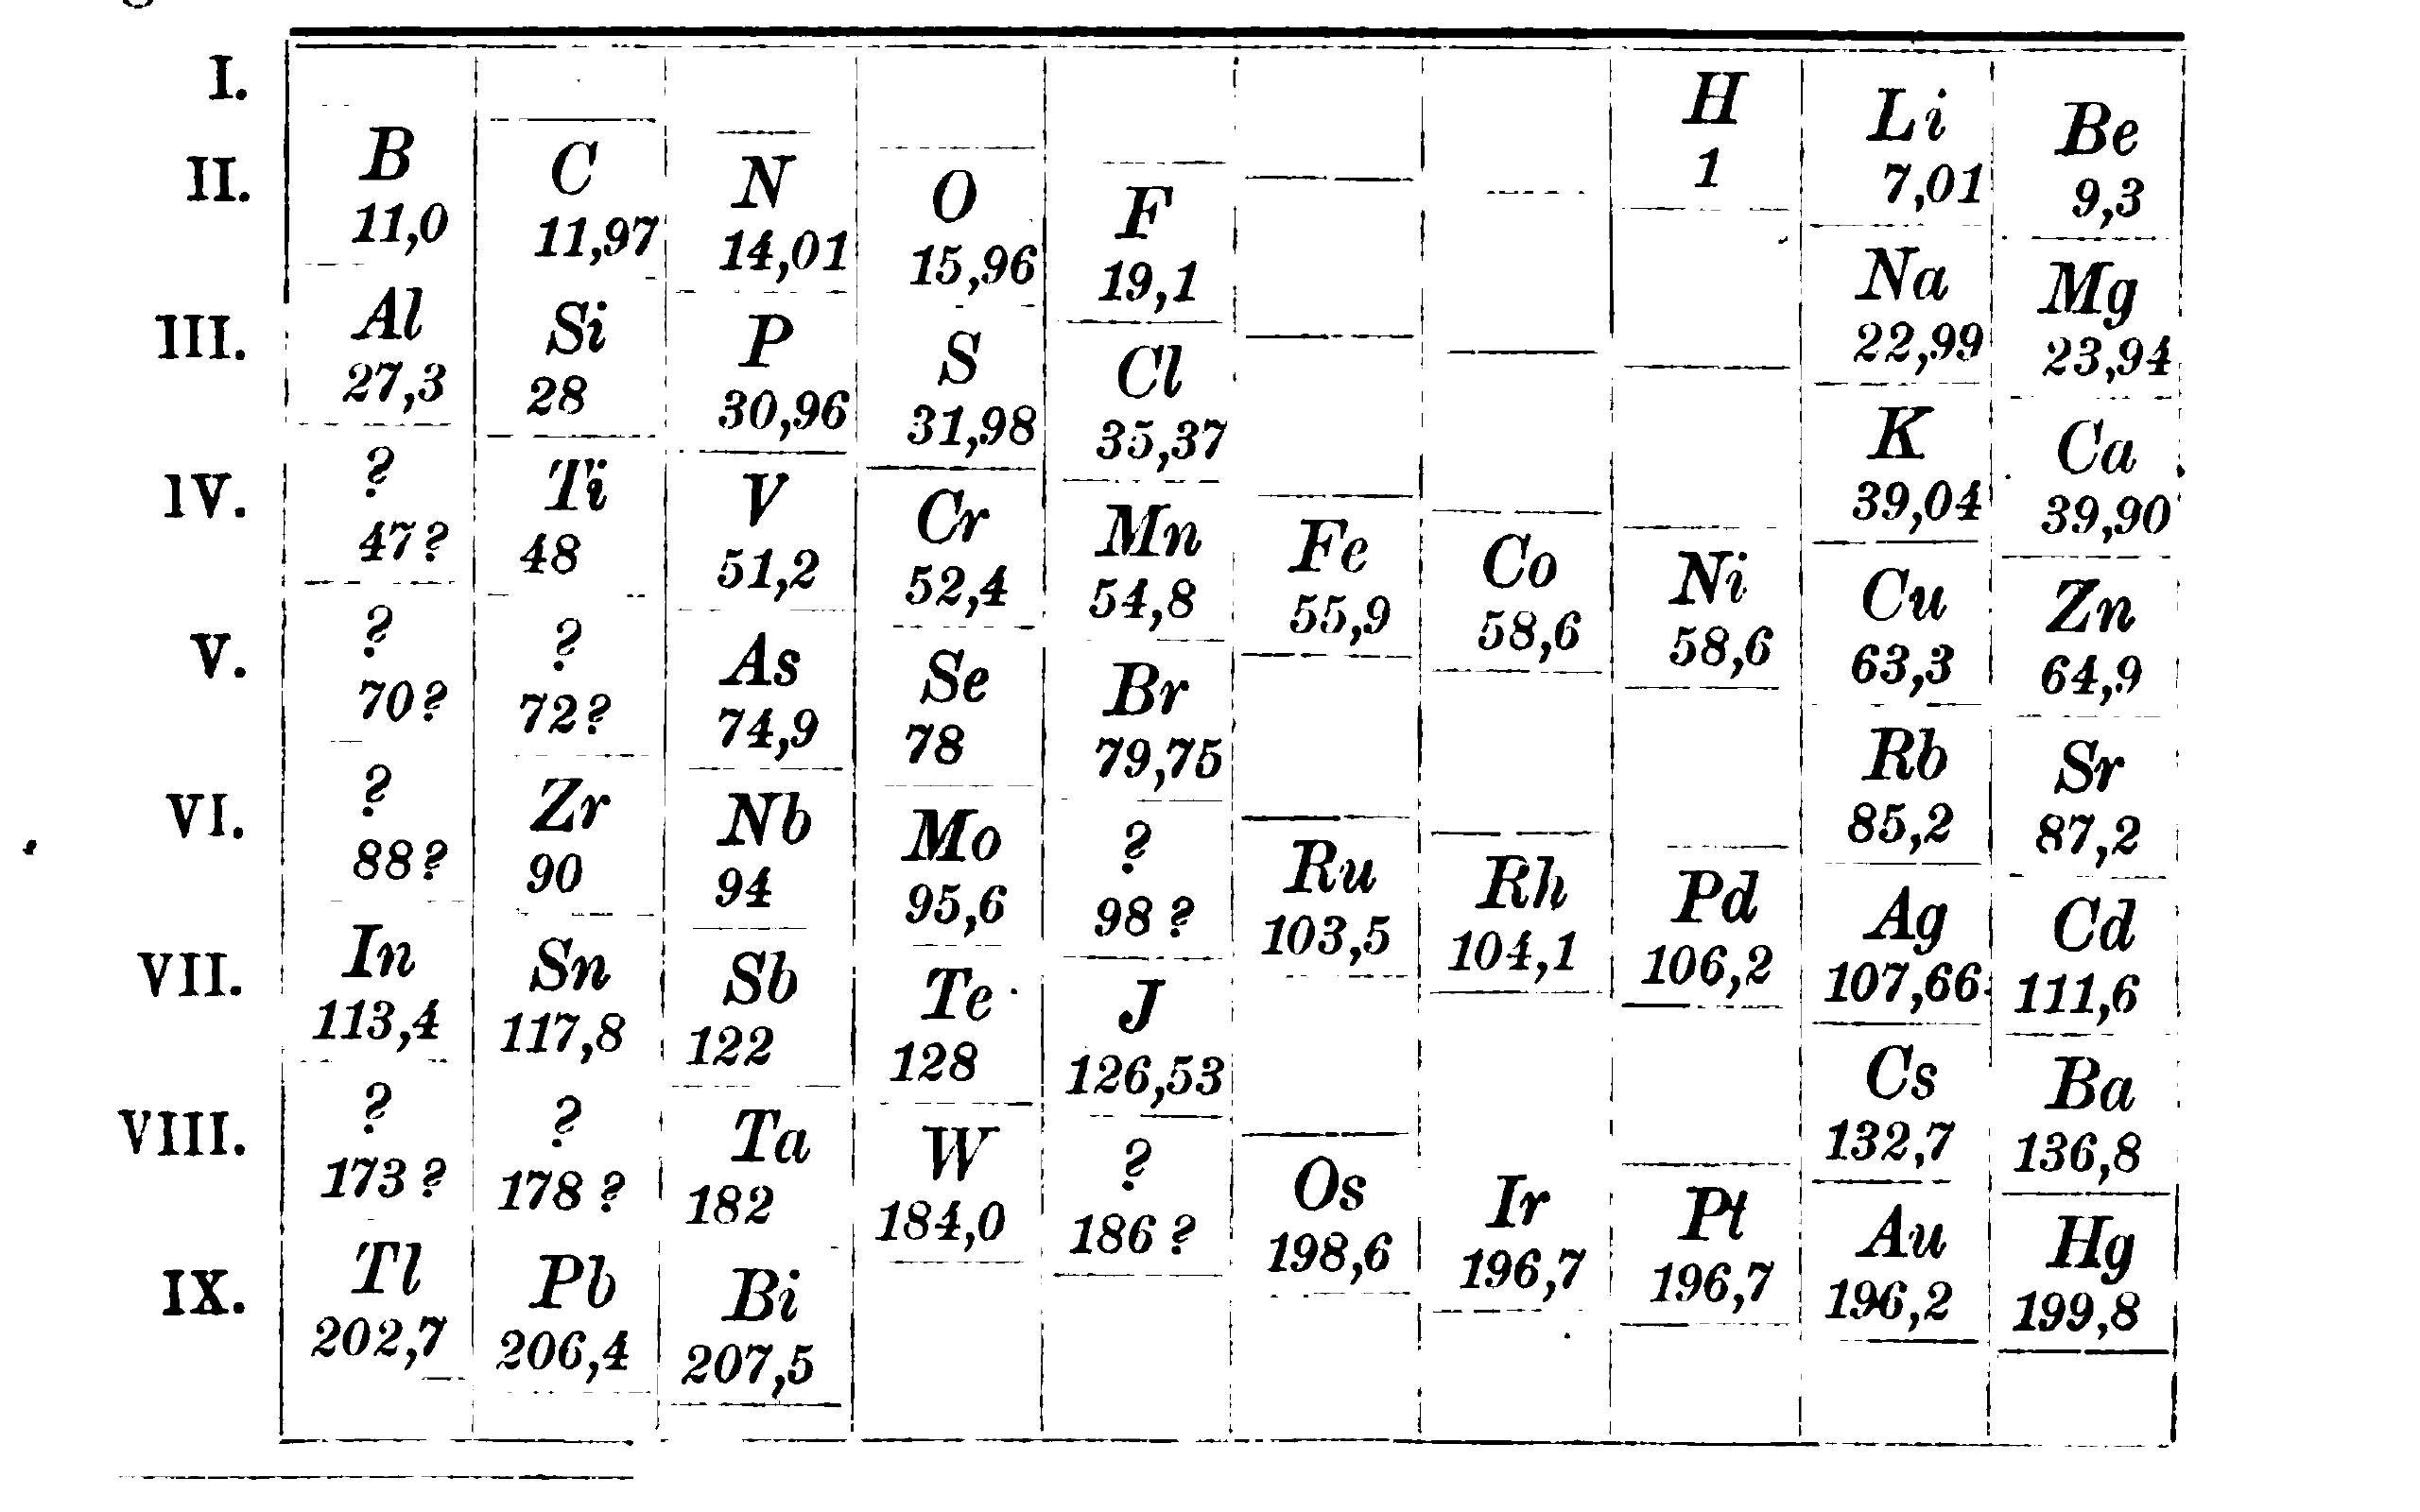 """The tabular system of 1870 from Meyer's """"Die Natur Der Chemischen Elemente Als Function Ihrer Atomgewichte'"""" In Annalen Der Chemie Und Pharmacie, VII. Supplementband., edited by Friedrich Wöhler, Justus Liebig, and Hermann Kopp, (1870, 354–63)."""